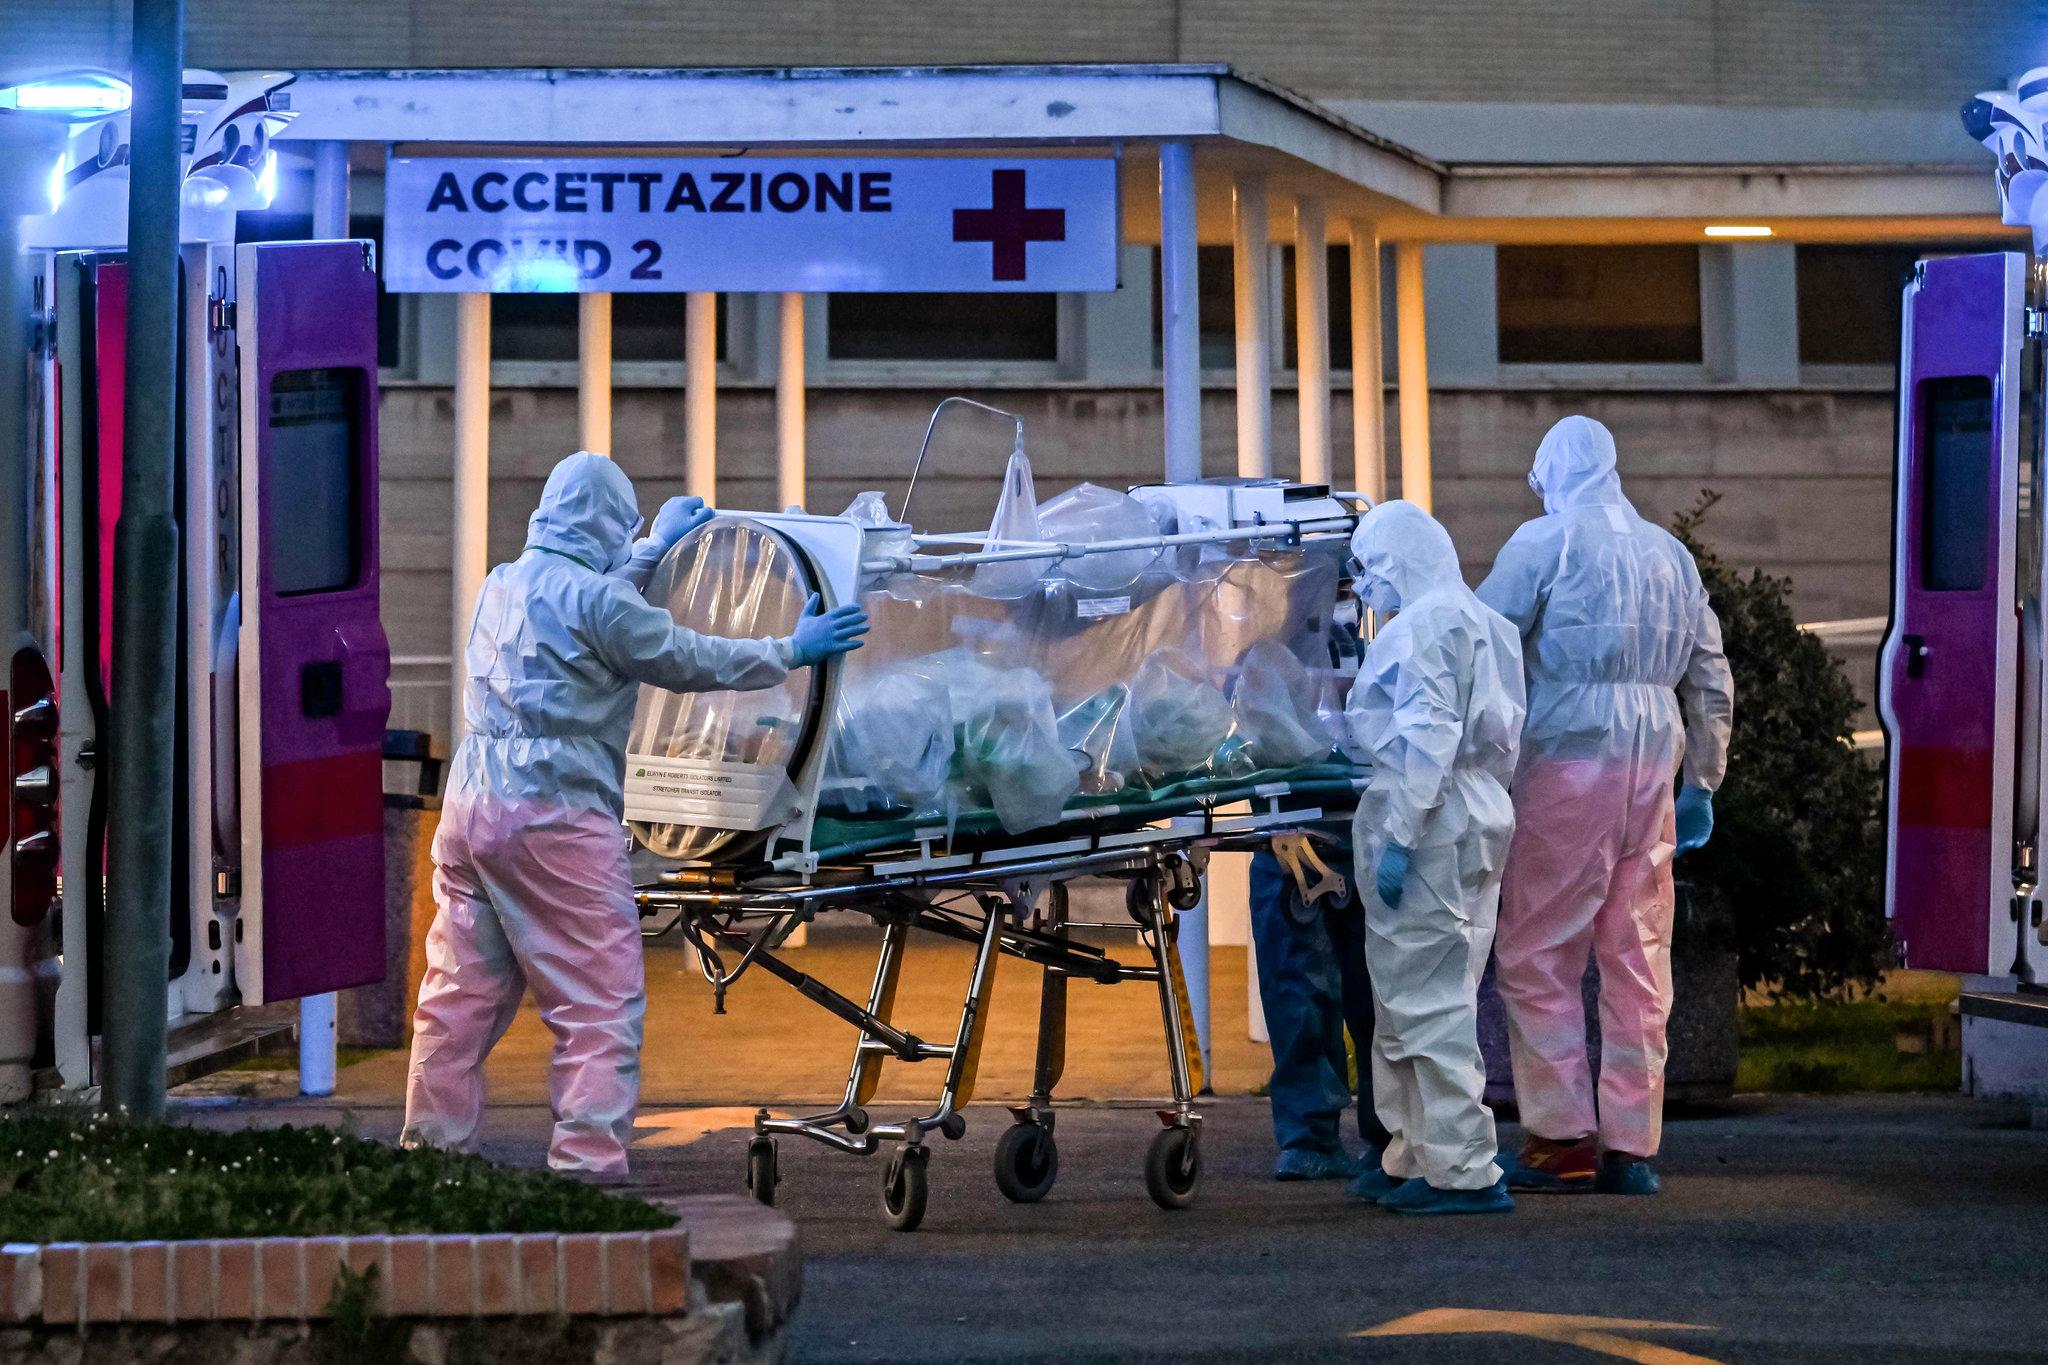 Medicinski radnici u zaštitnim odelima prevoze obolelog od koronavirusa u jednu od bolnica u Rimu (Foto: Andreas Solaro/Agence France-Presse/Getty Images)